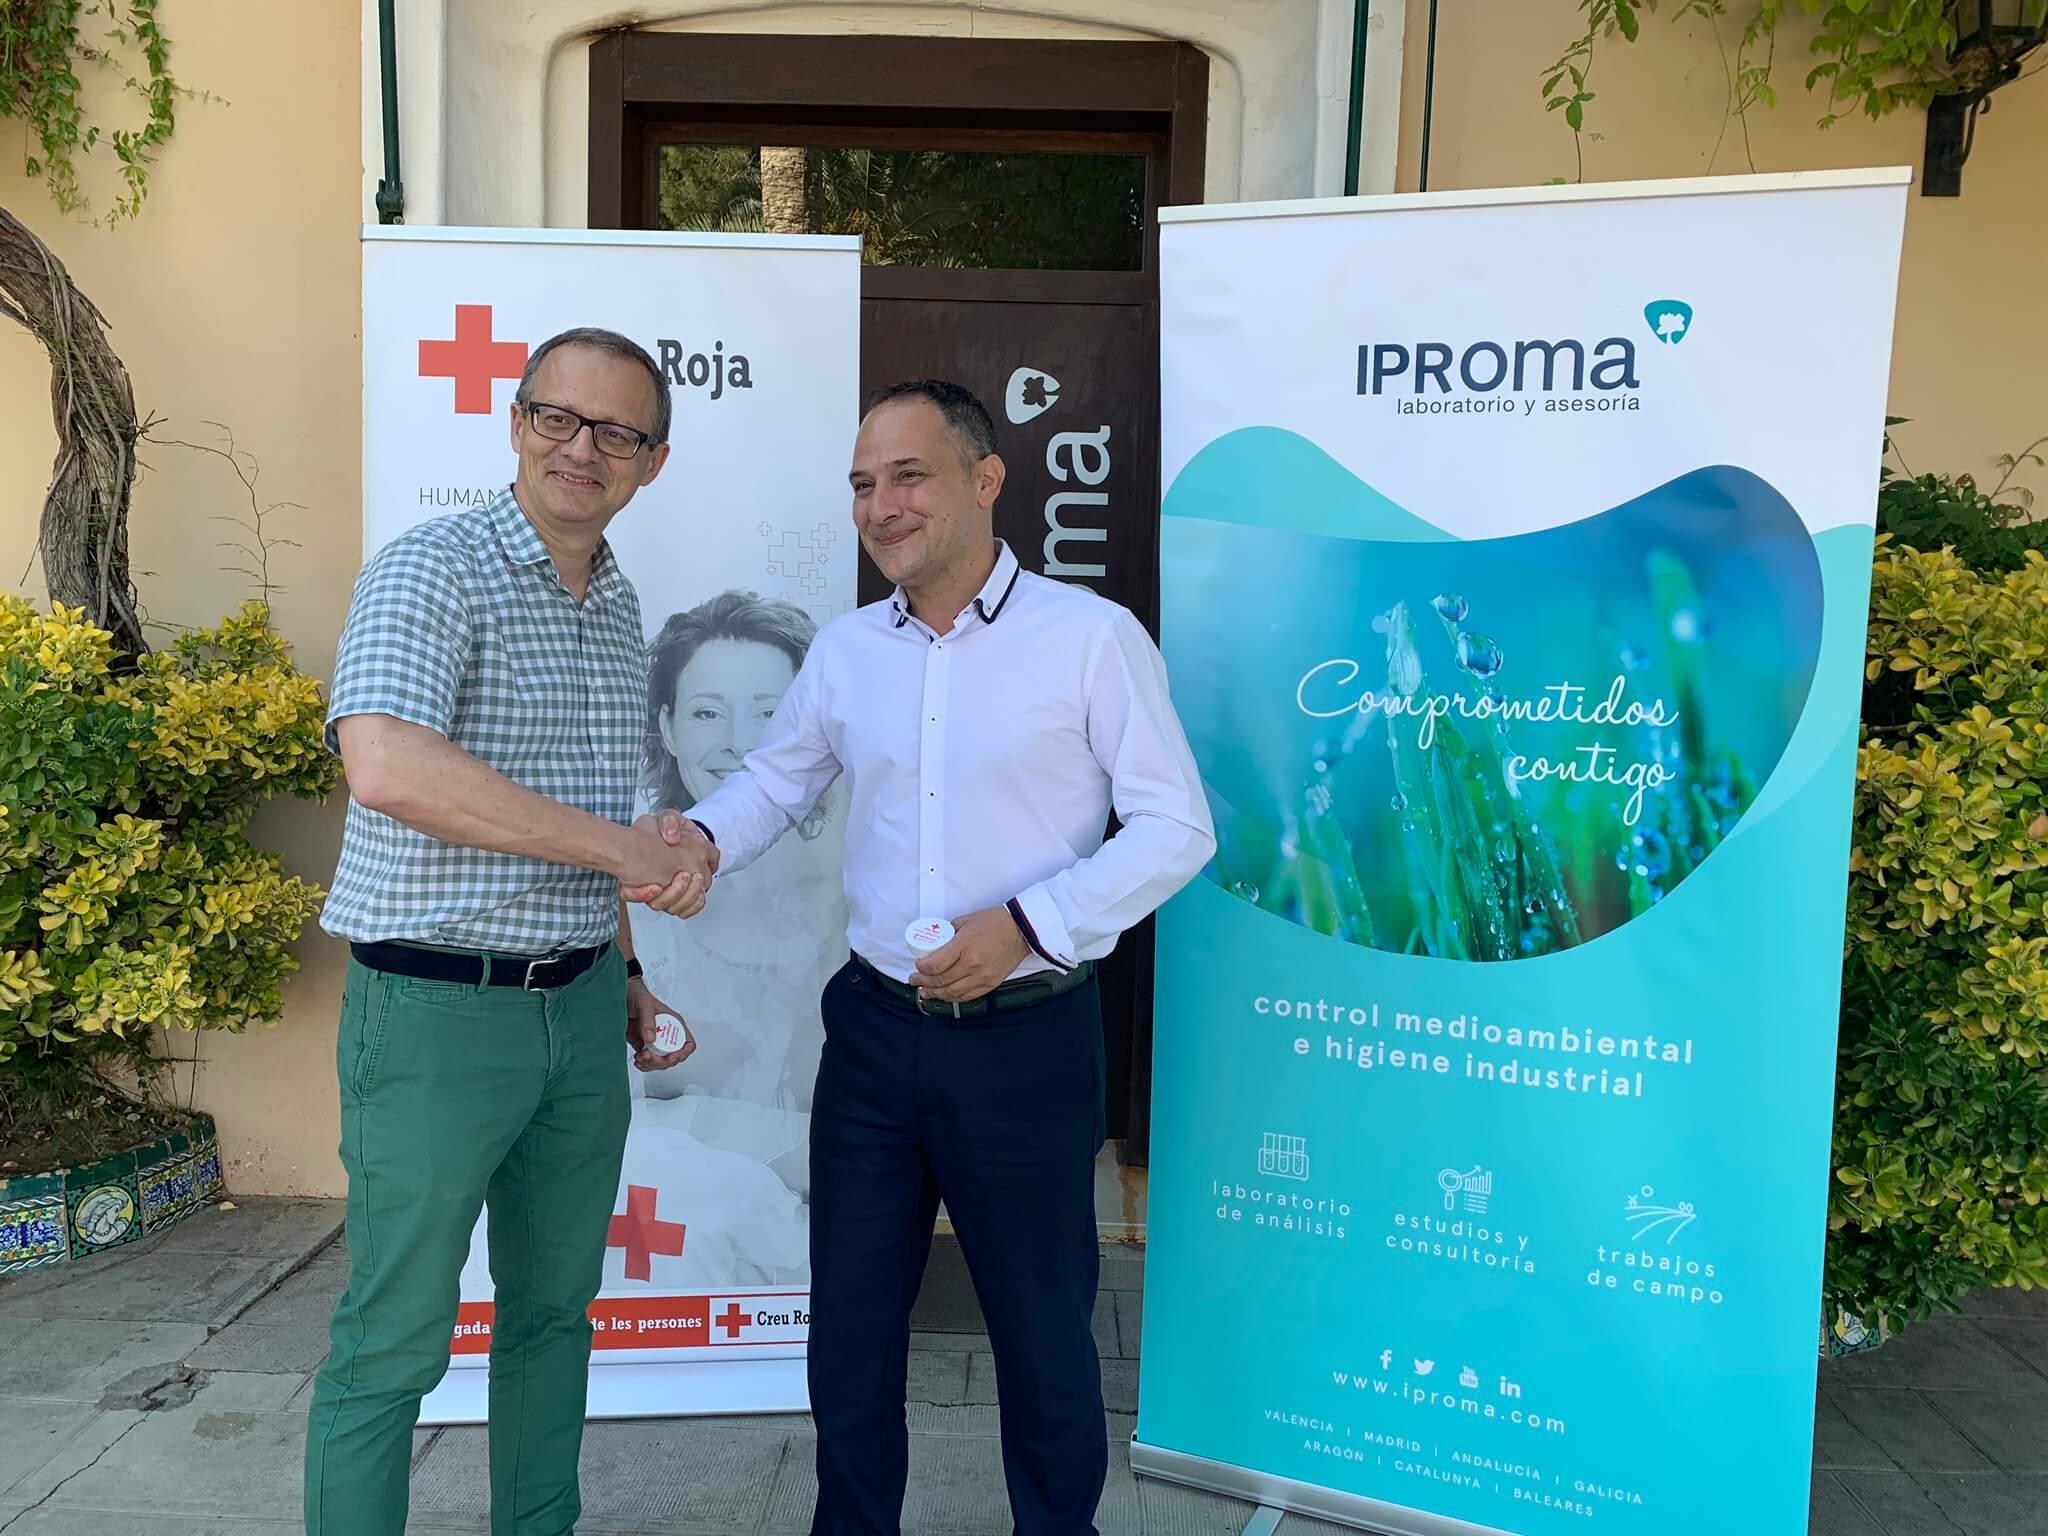 IPROMA realizará acciones de voluntariado corporativo en las playas de Castelló